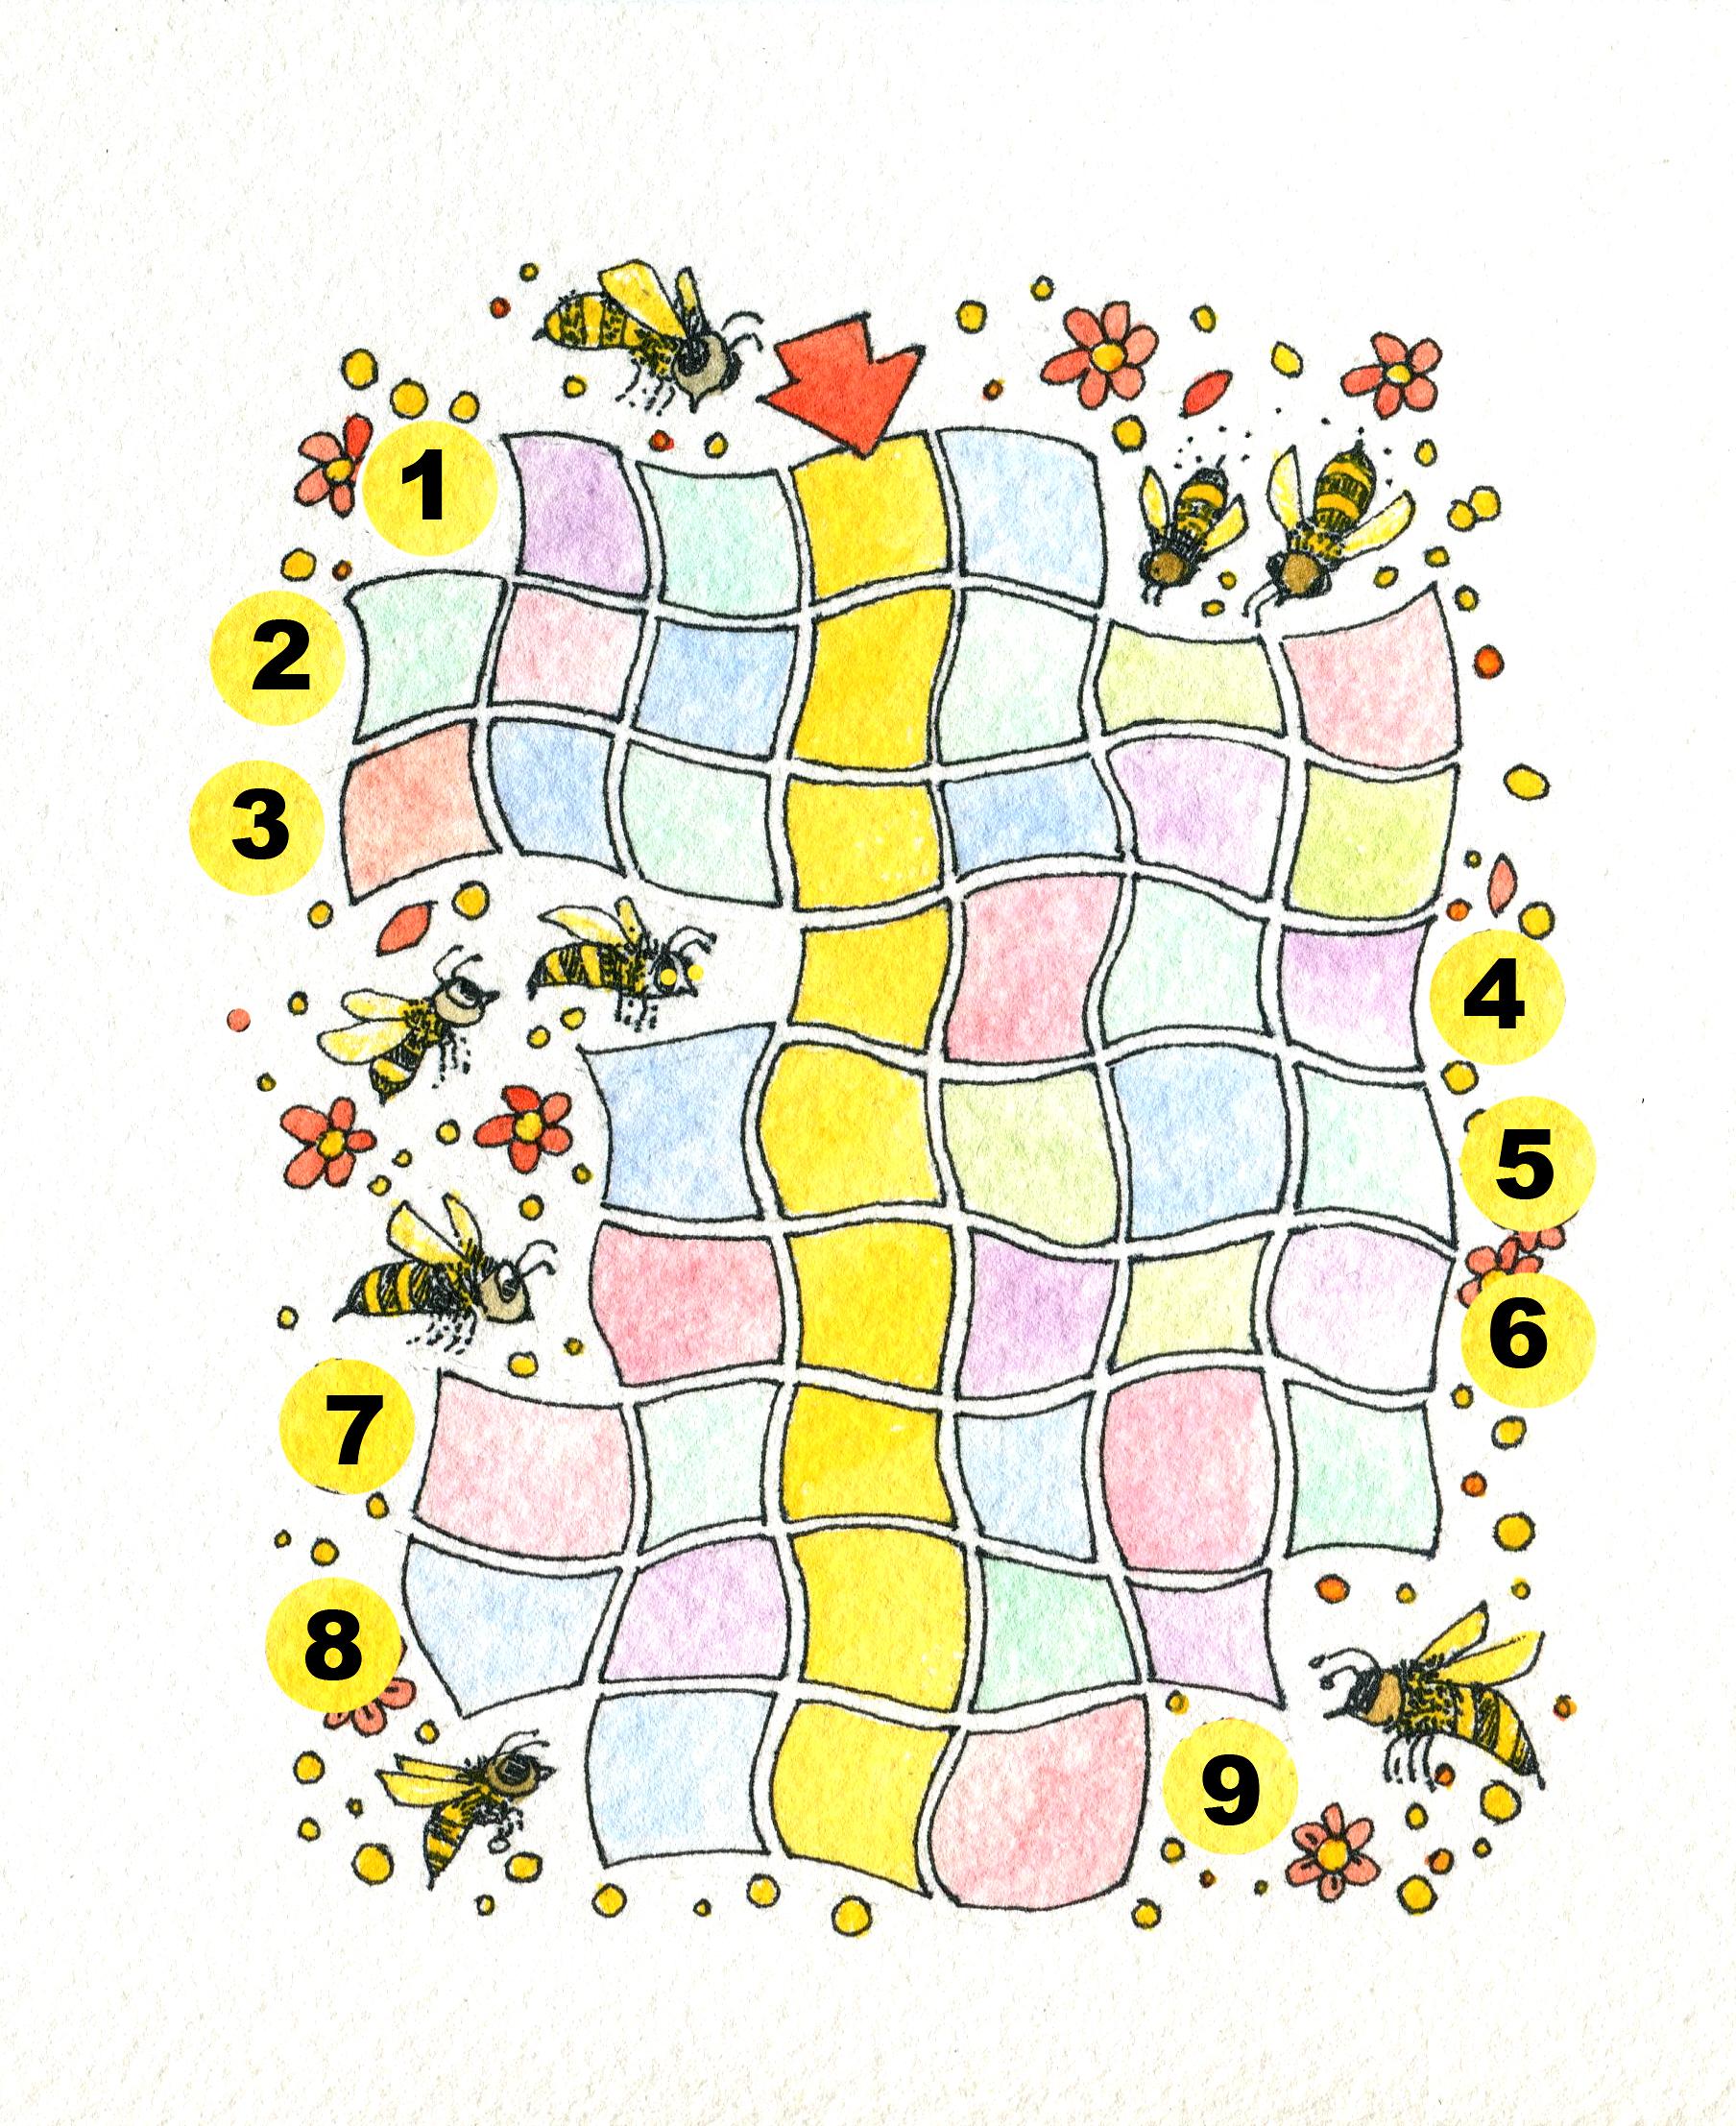 """La palabra escondida, para jugar en familia: Escriban en la grilla las 9 palabras deletreadas. En la columna central encontrarán la palabra que completa esta frase: """"Los chicos que deletrean son verdaderos  _  _  _  _  _  _  _  _  _  """". Ilustración de María Cristina Brusca"""